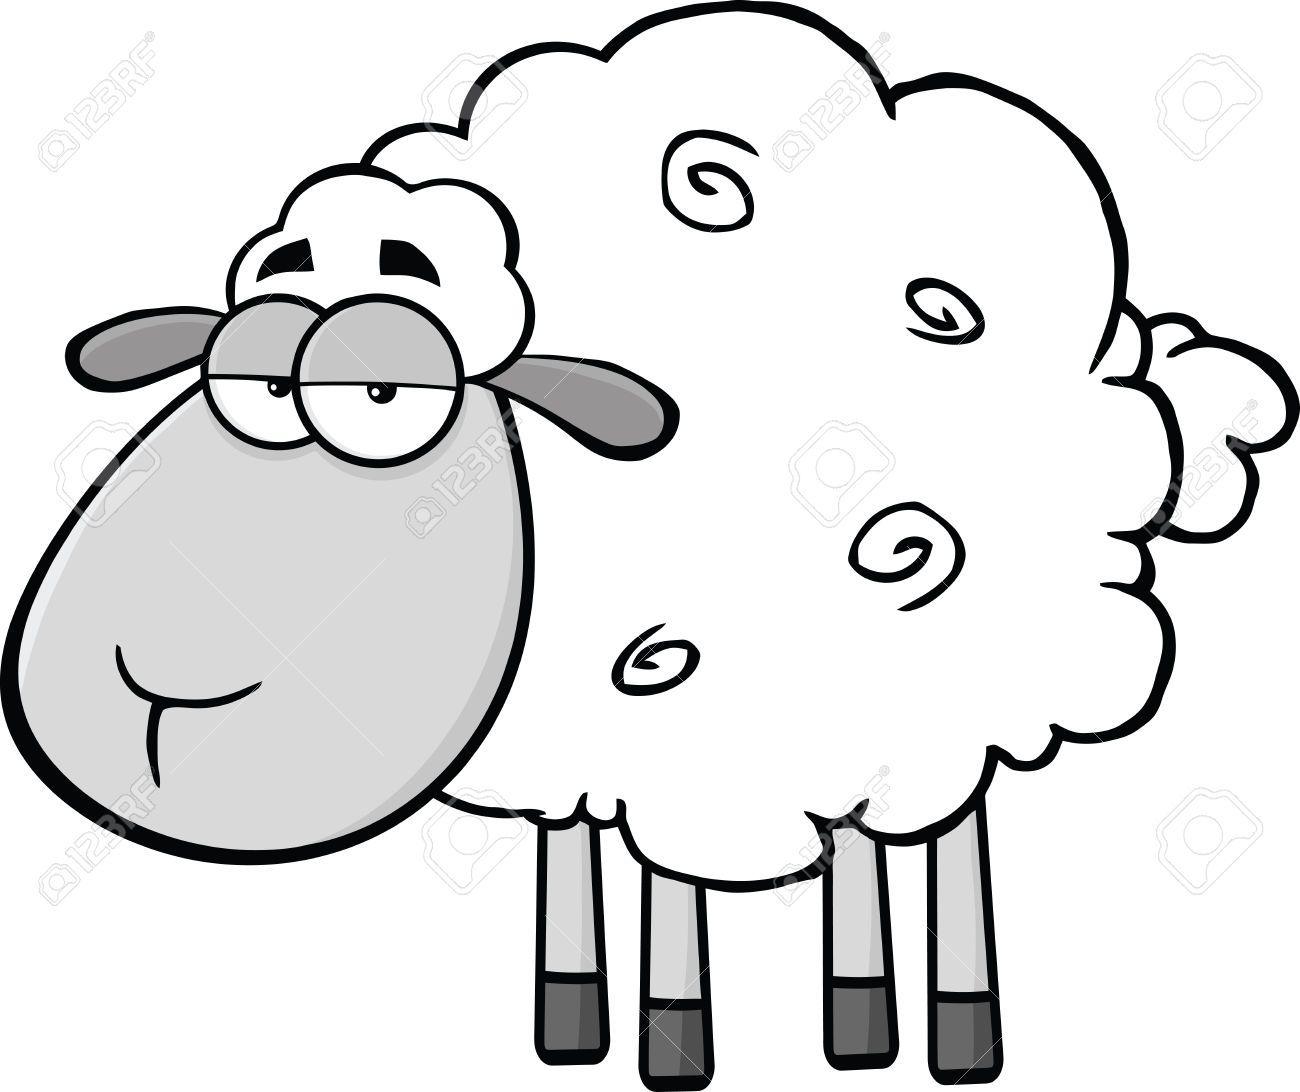 Pin Van Graciela Benitez Op Sheep Boerderijdieren Dieren Schapen